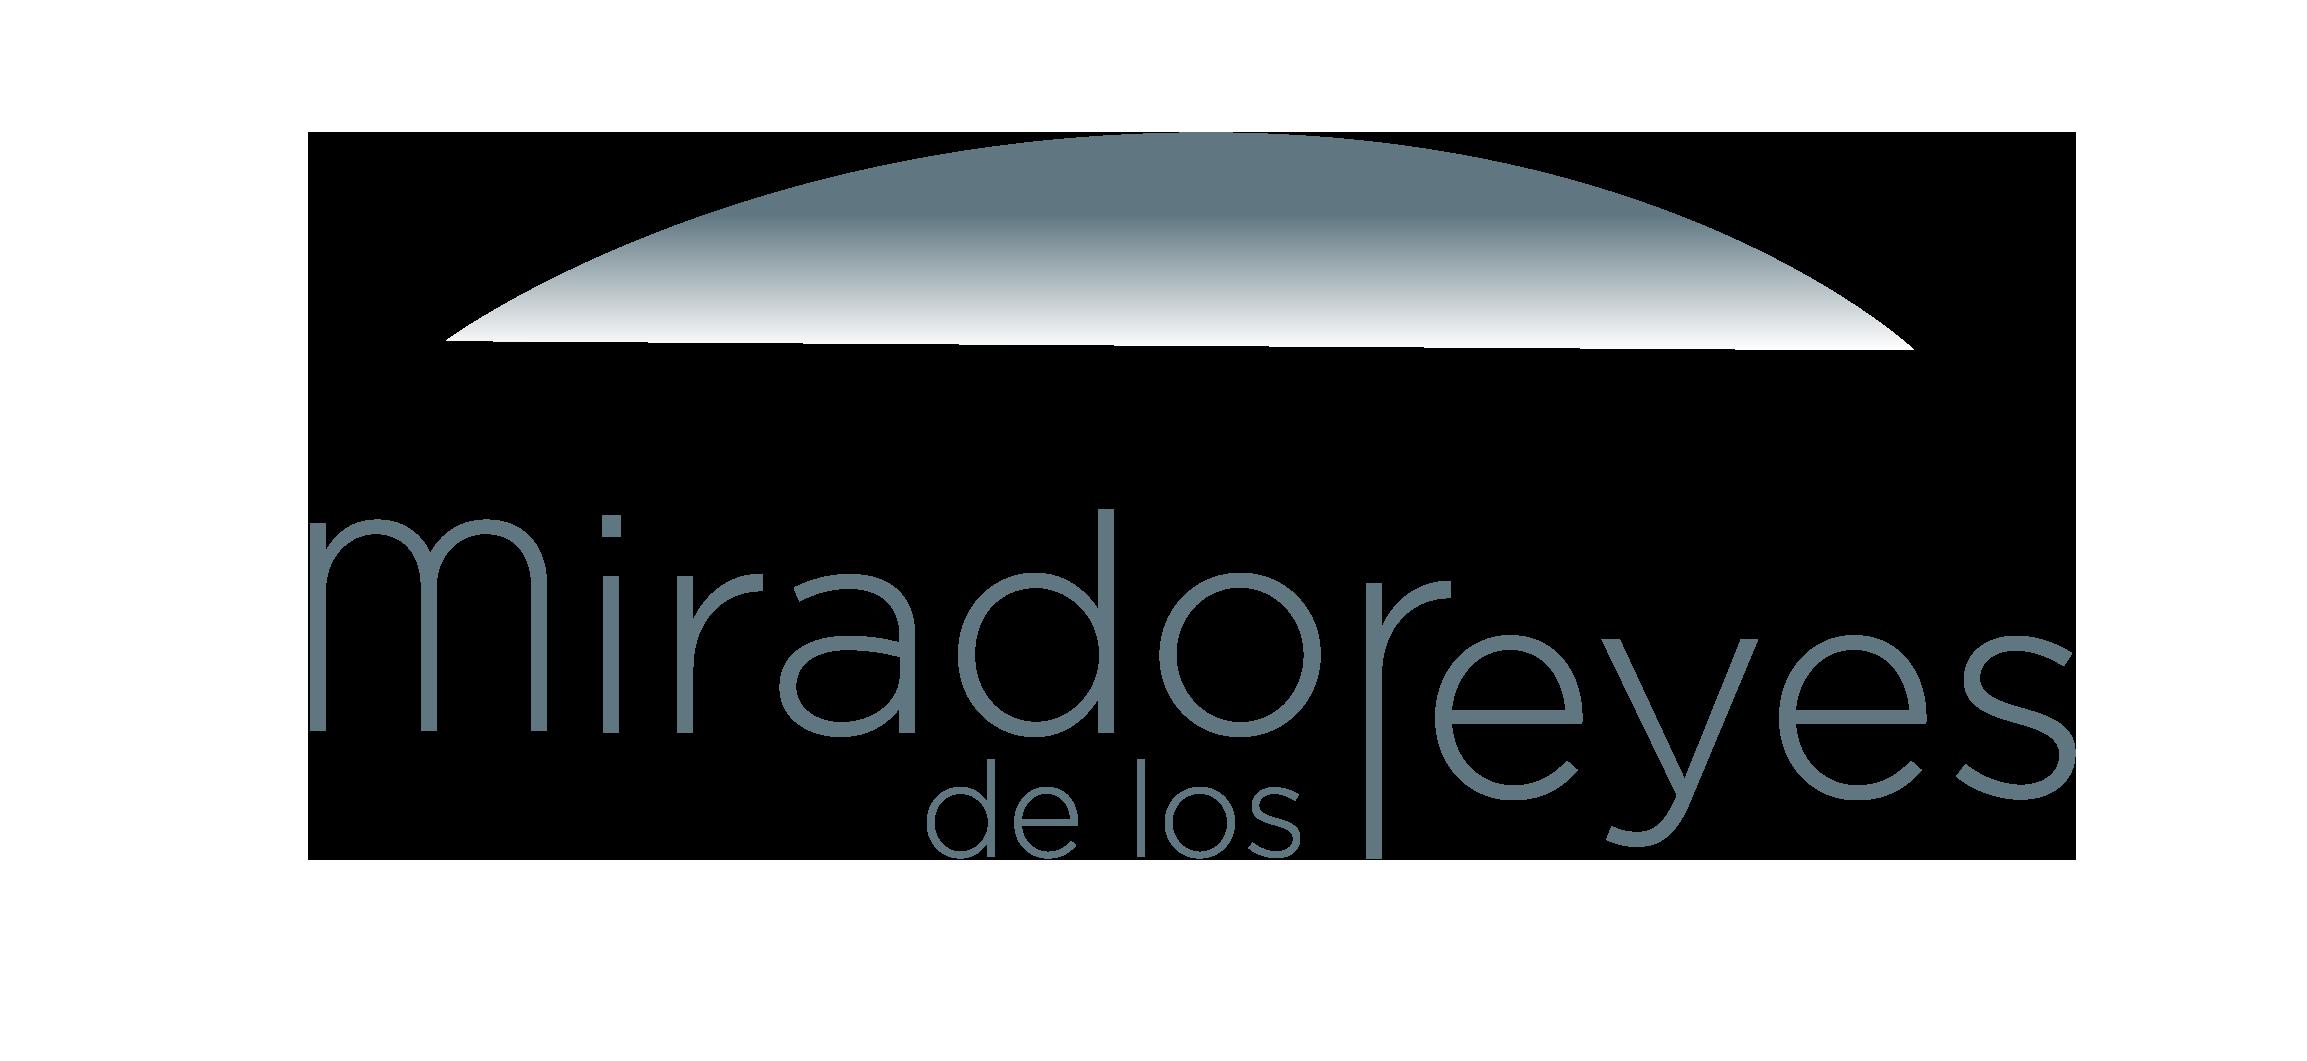 Diseño de logotipo para promoción inmobiliaria